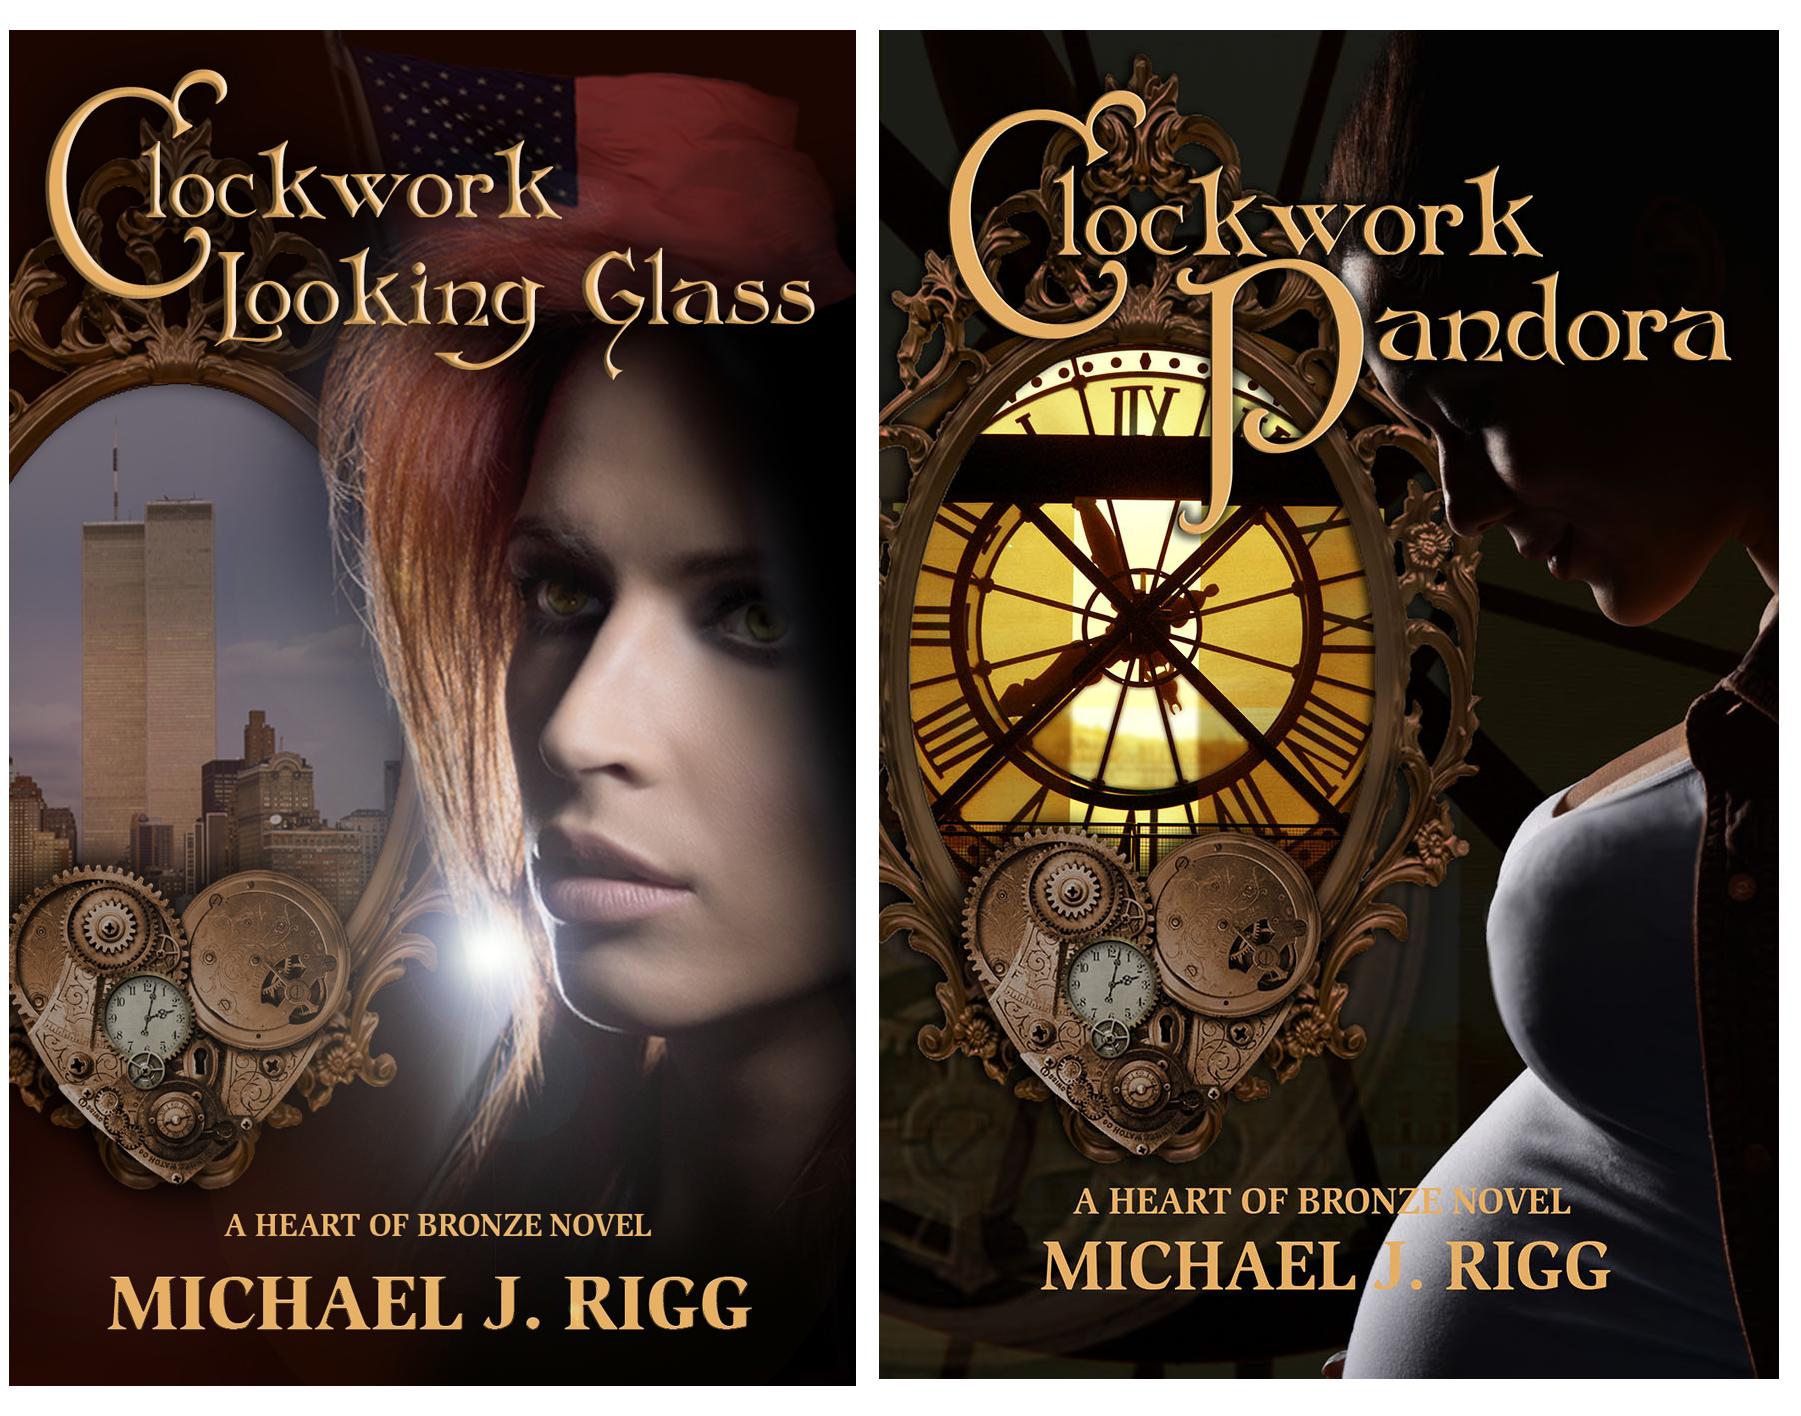 TwoBookCovers_Clockwork_Pandora.png